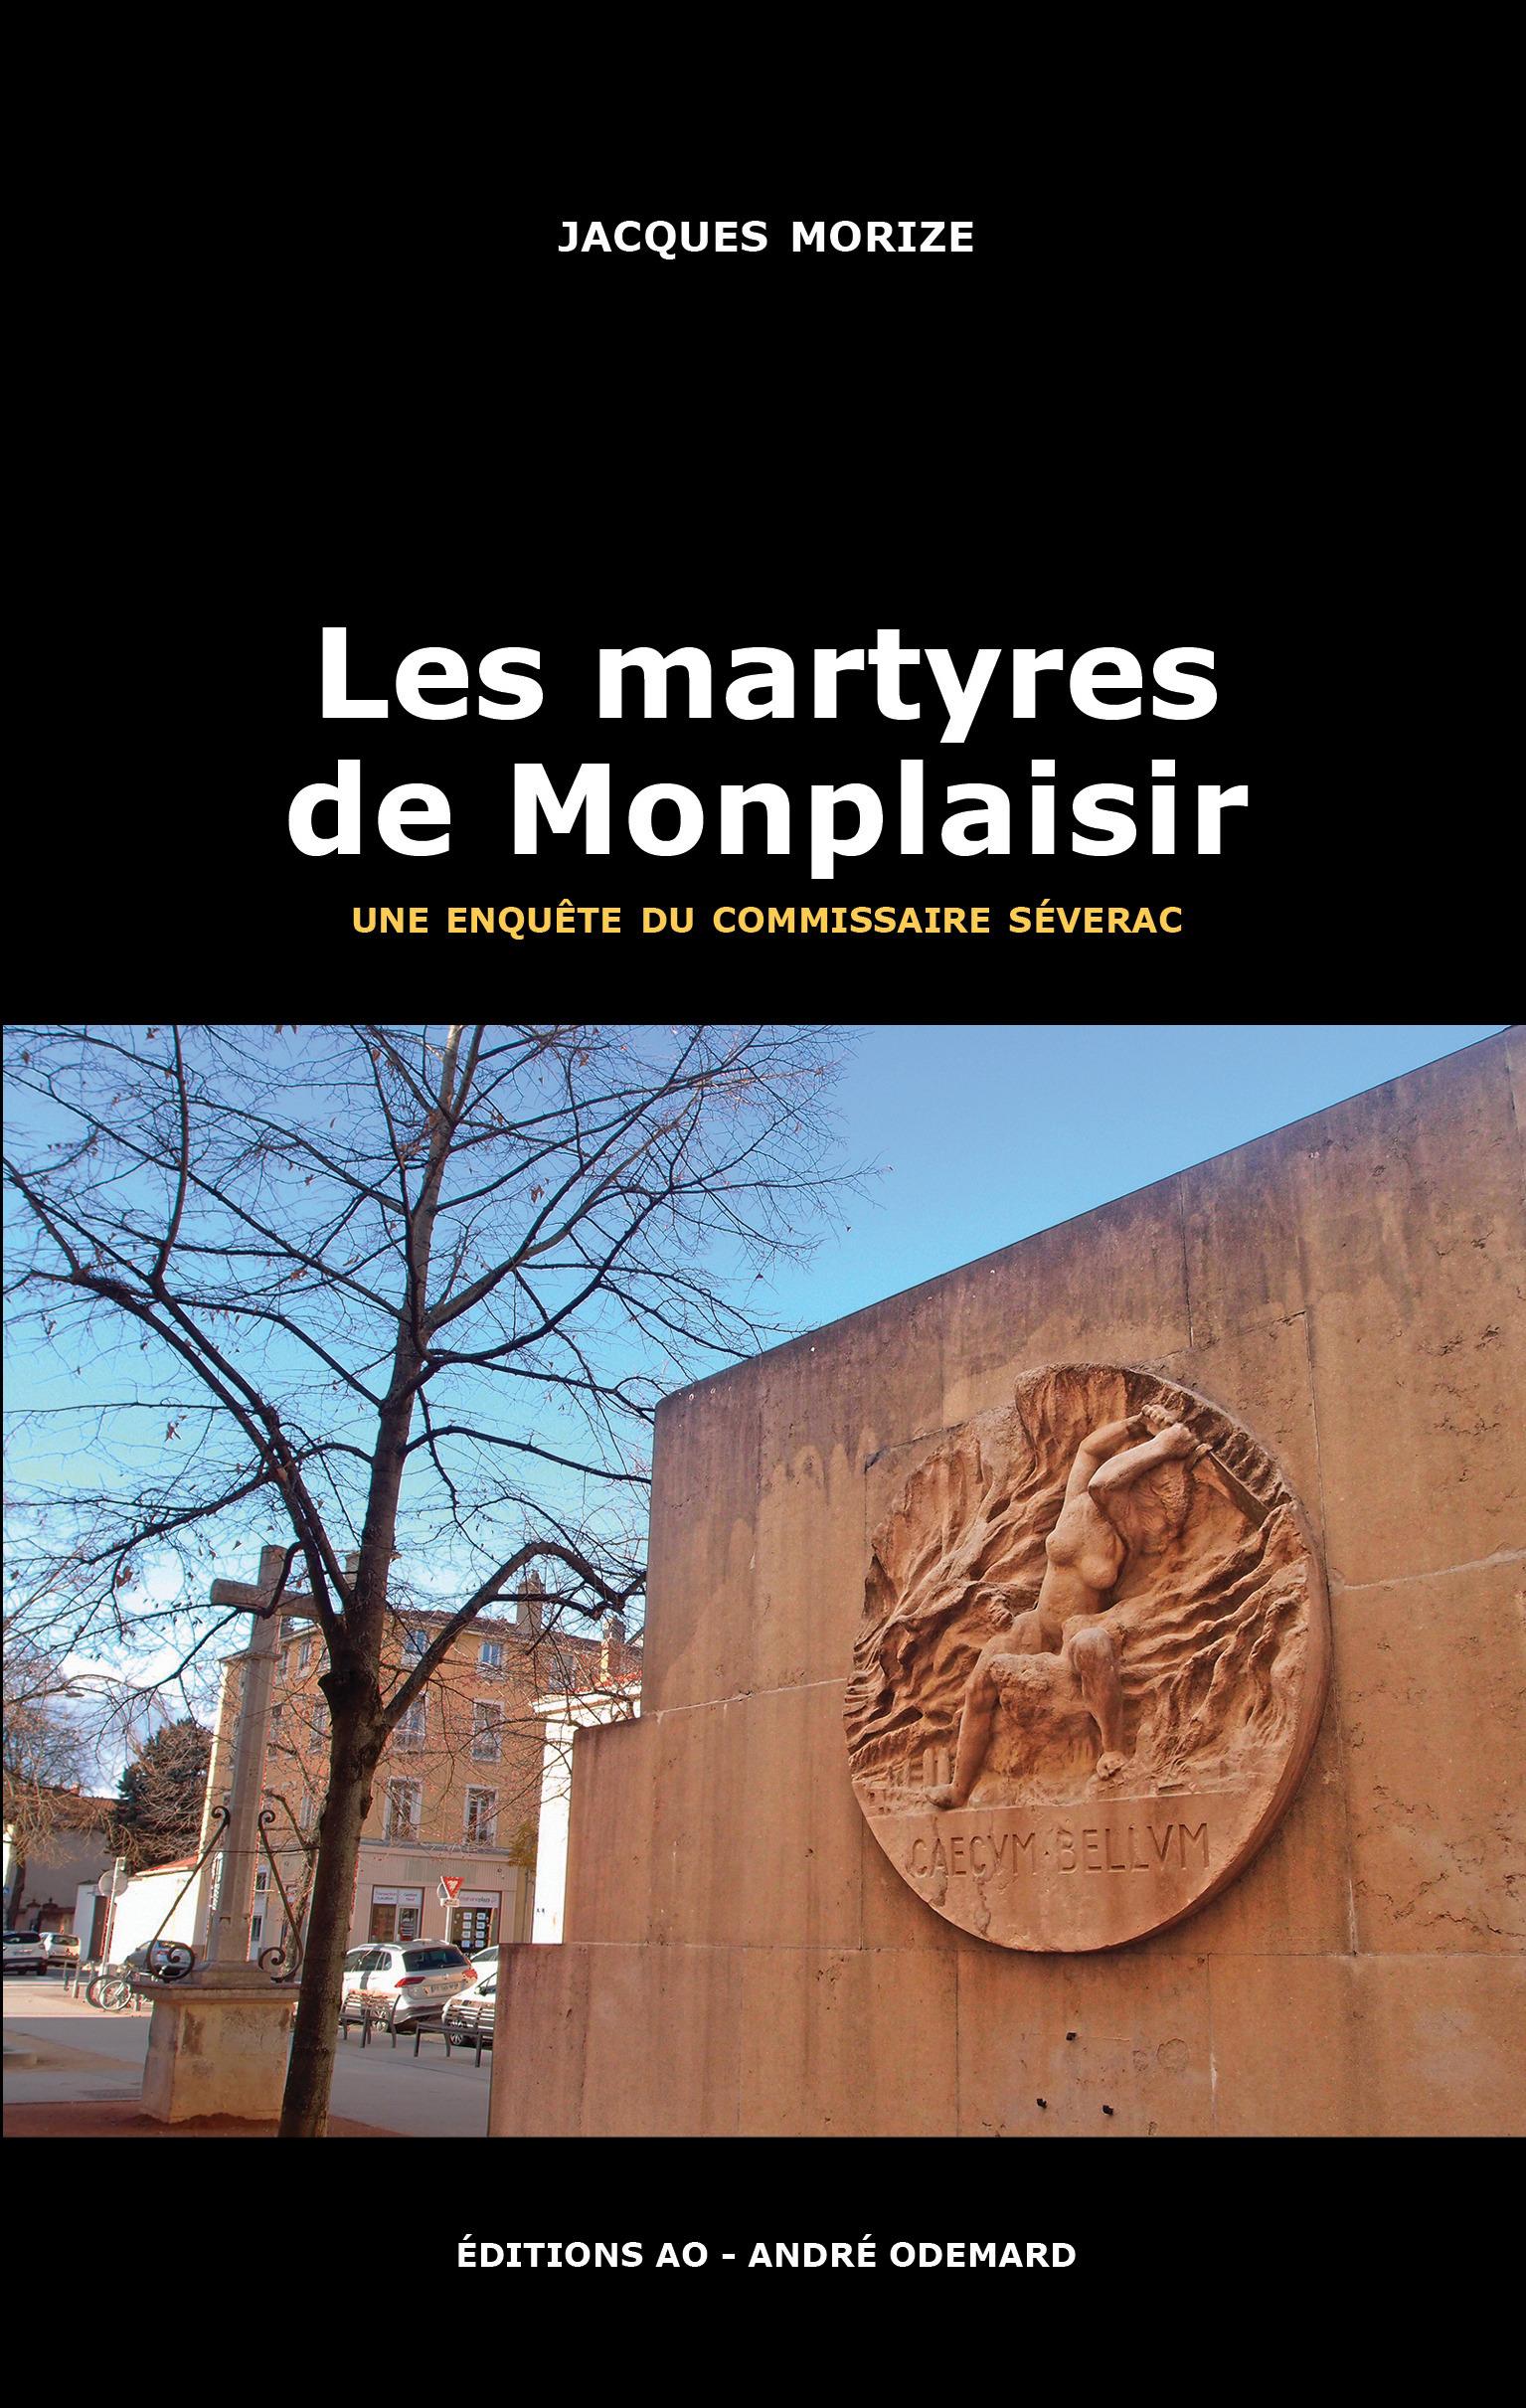 Les martyres de monplaisir (une enquete du commissaire severac)